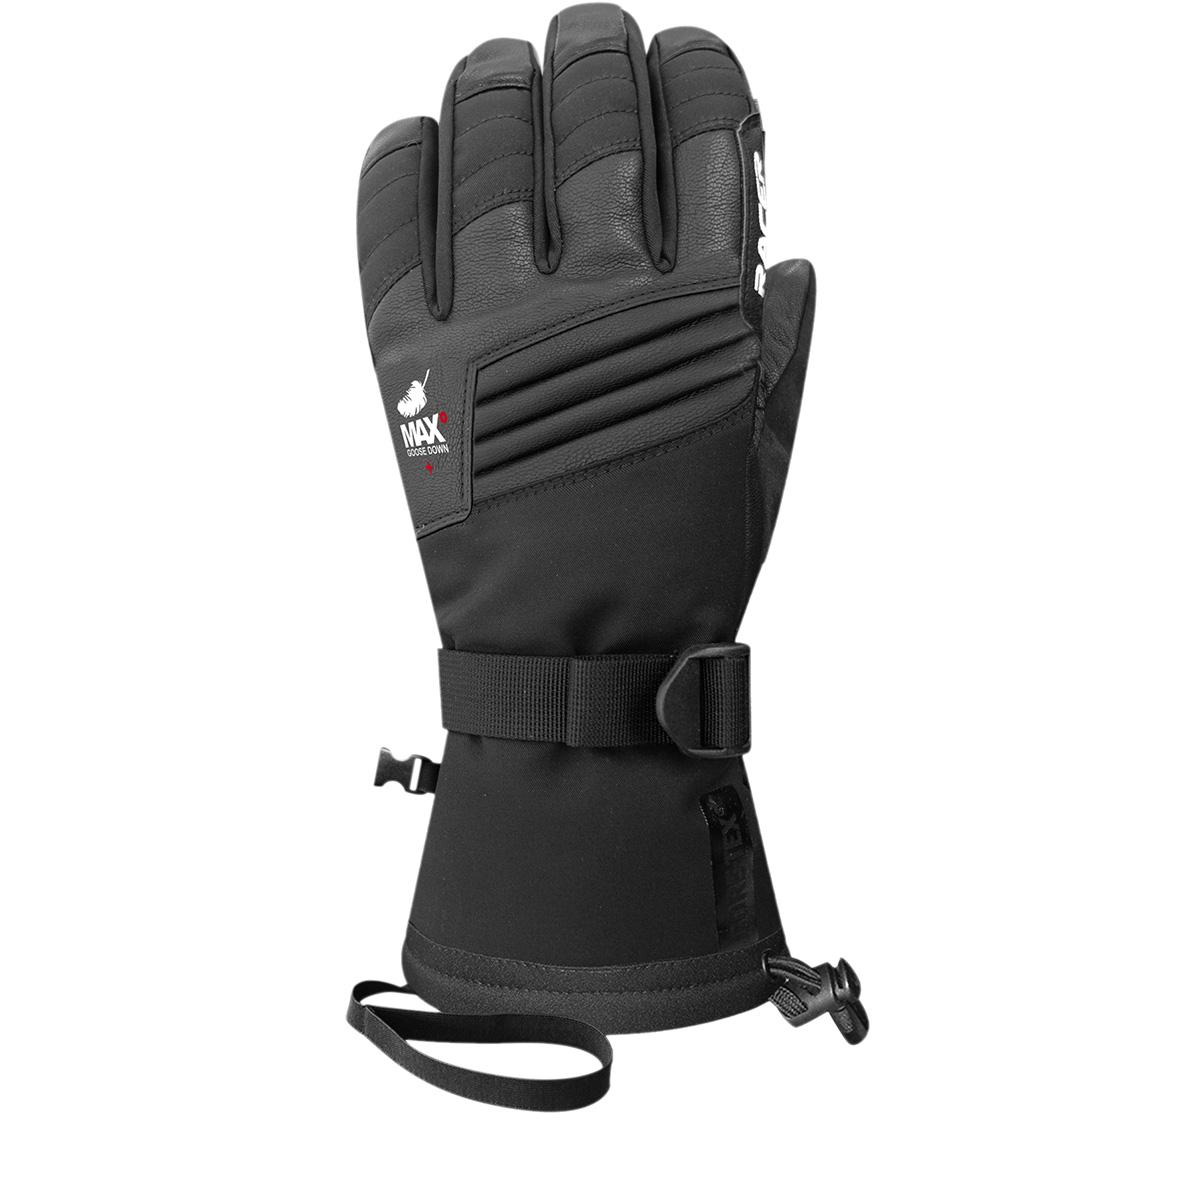 Racer - GTK 2 - Gloves - Men's